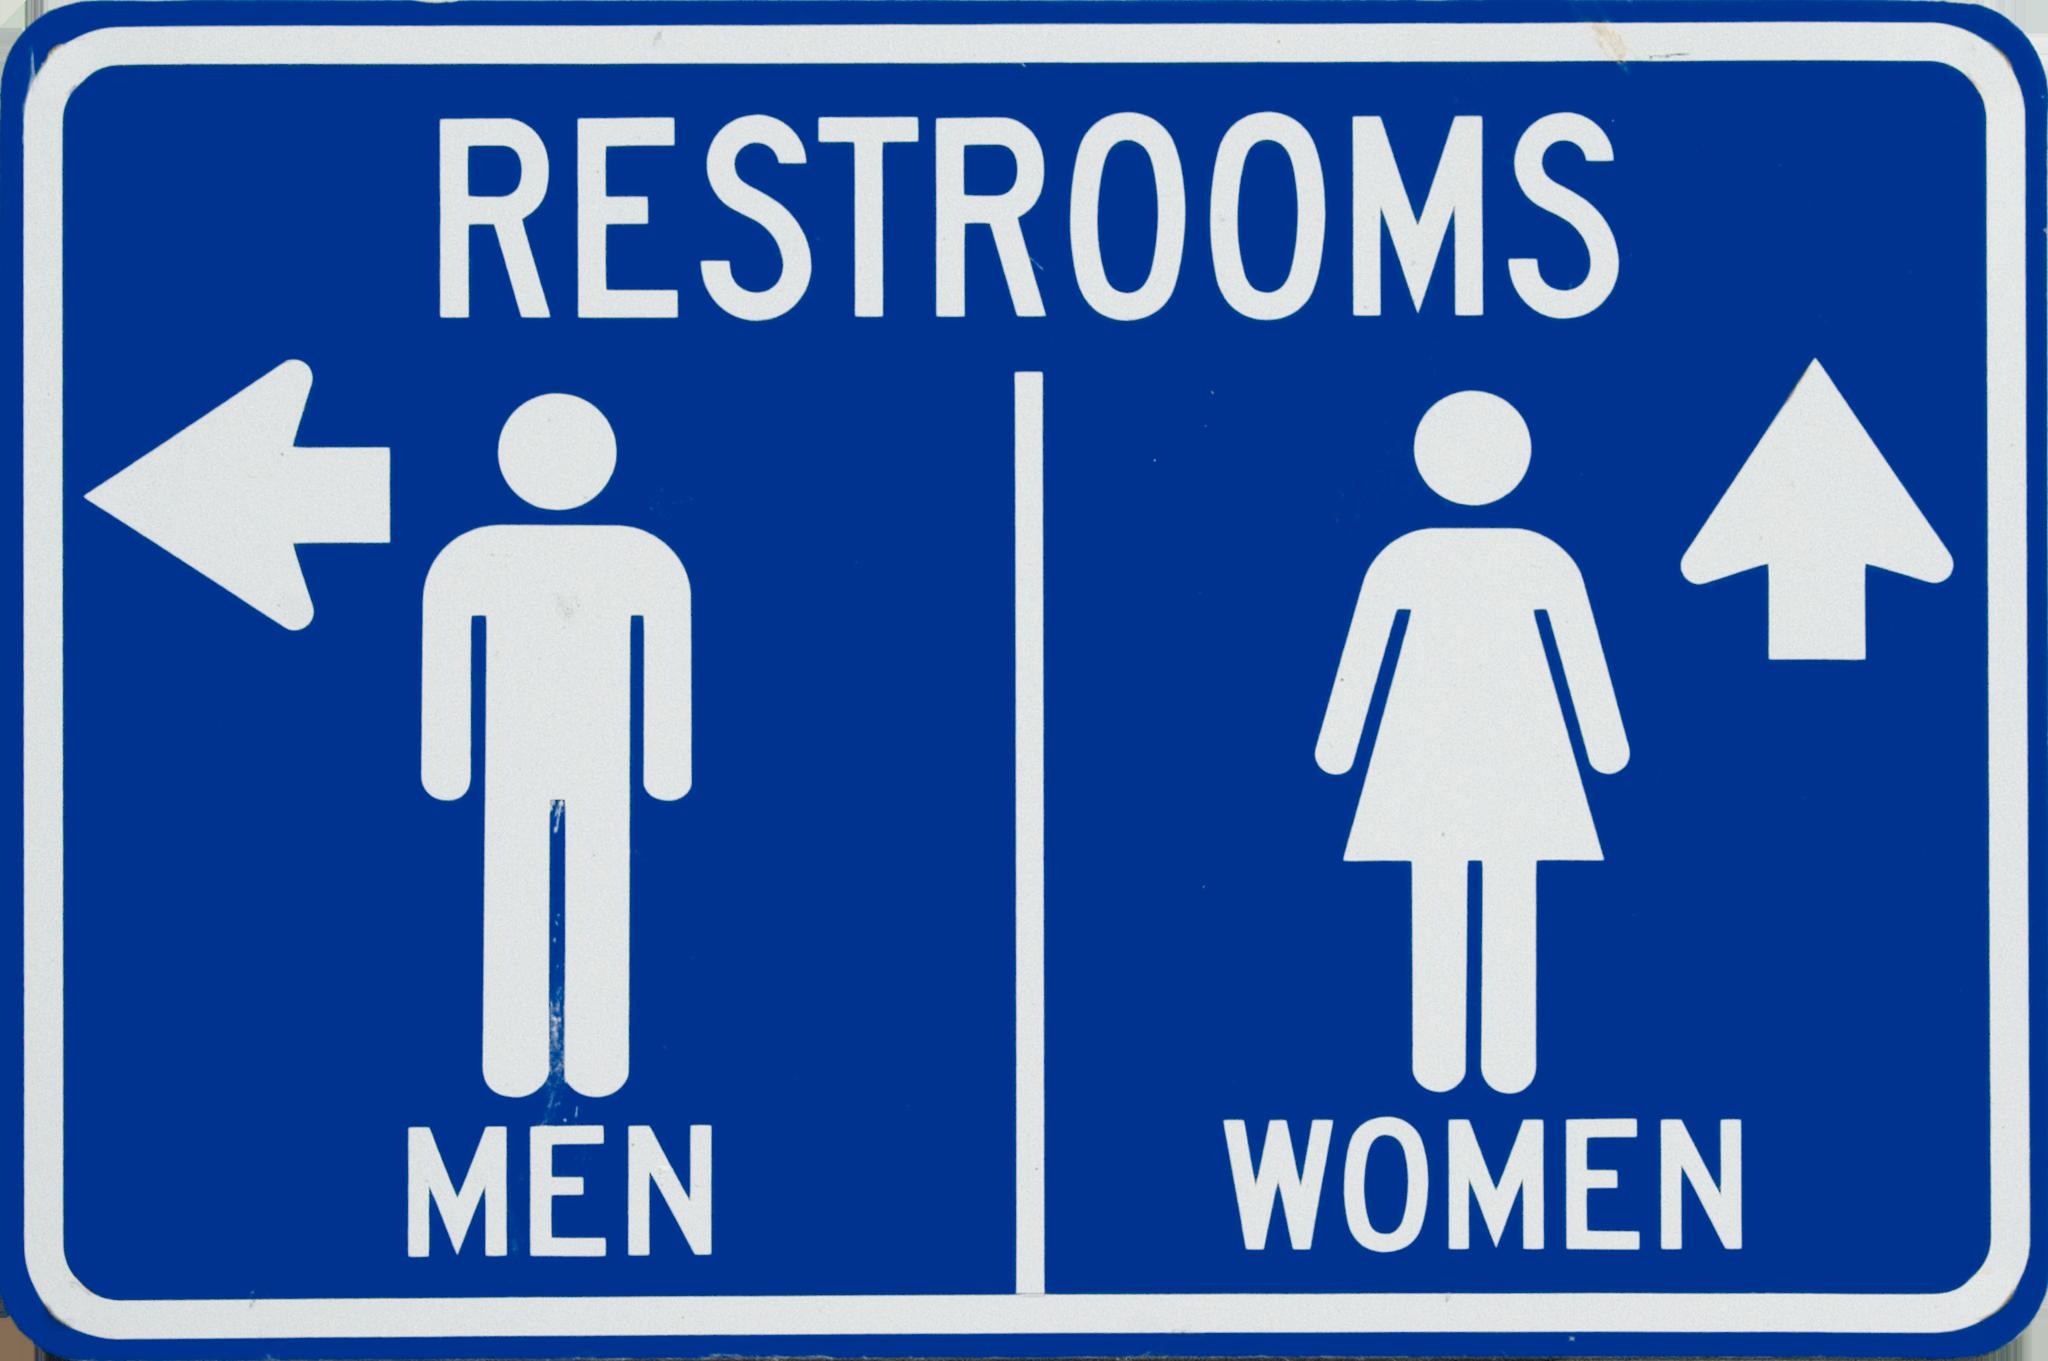 Restrooms Men Women.png